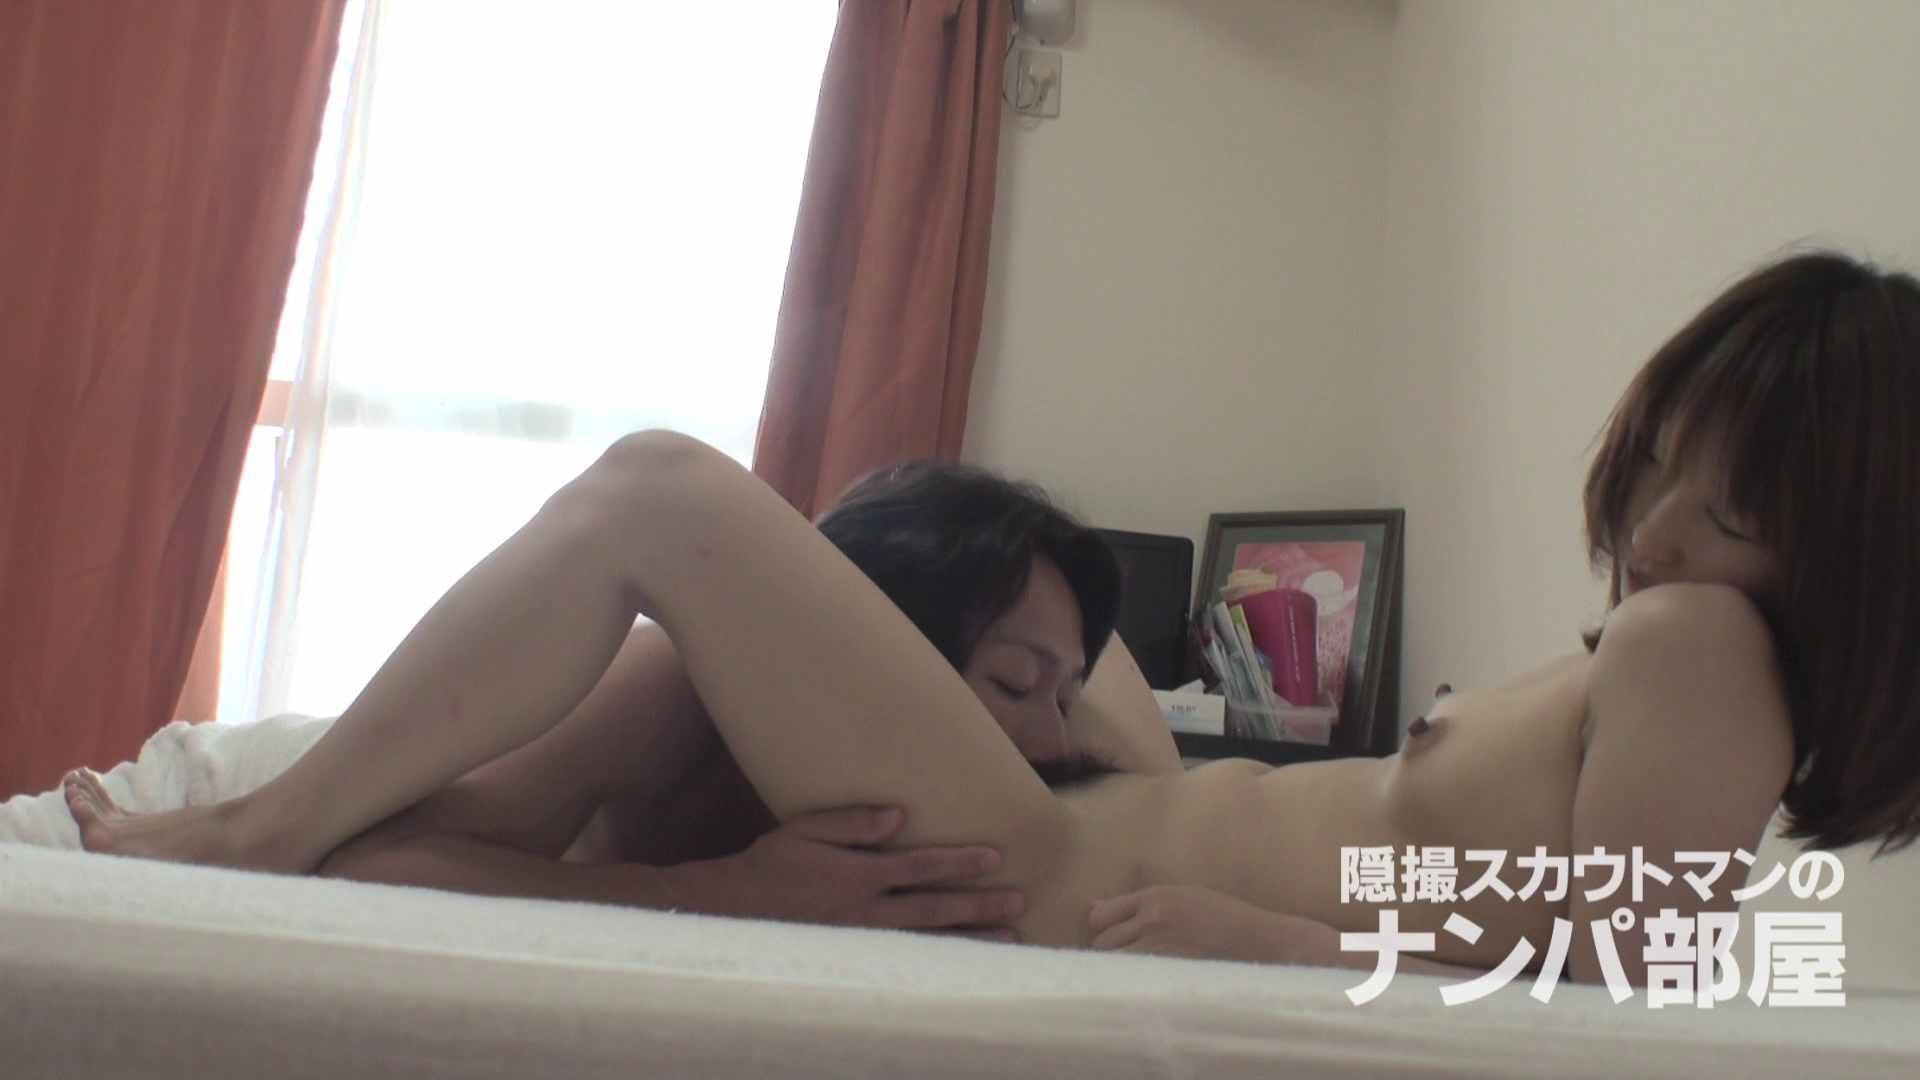 隠撮スカウトマンのナンパ部屋~風俗デビュー前のつまみ食い~ sii 隠撮   脱衣所  67pic 56